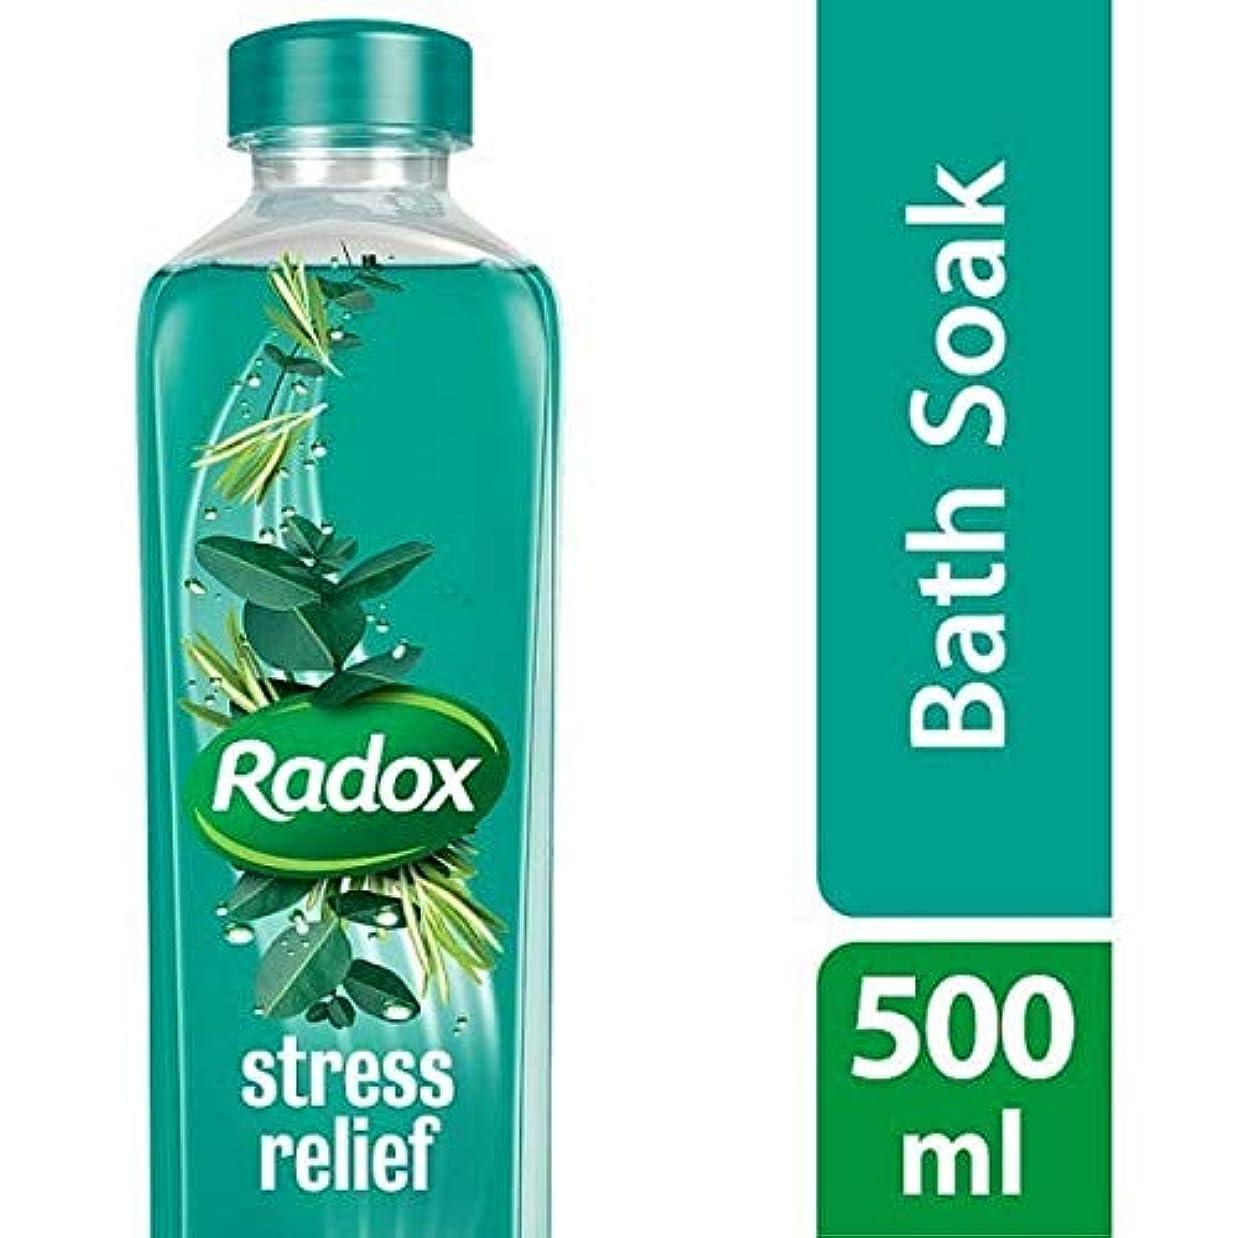 石のコショウ私たちのもの[Radox] Radoxは、500ミリリットルのソーク良い香りストレスリリーフ風呂を感じます - Radox Feel Good Fragrance Stress Relief Bath Soak 500ml [並行輸入品]